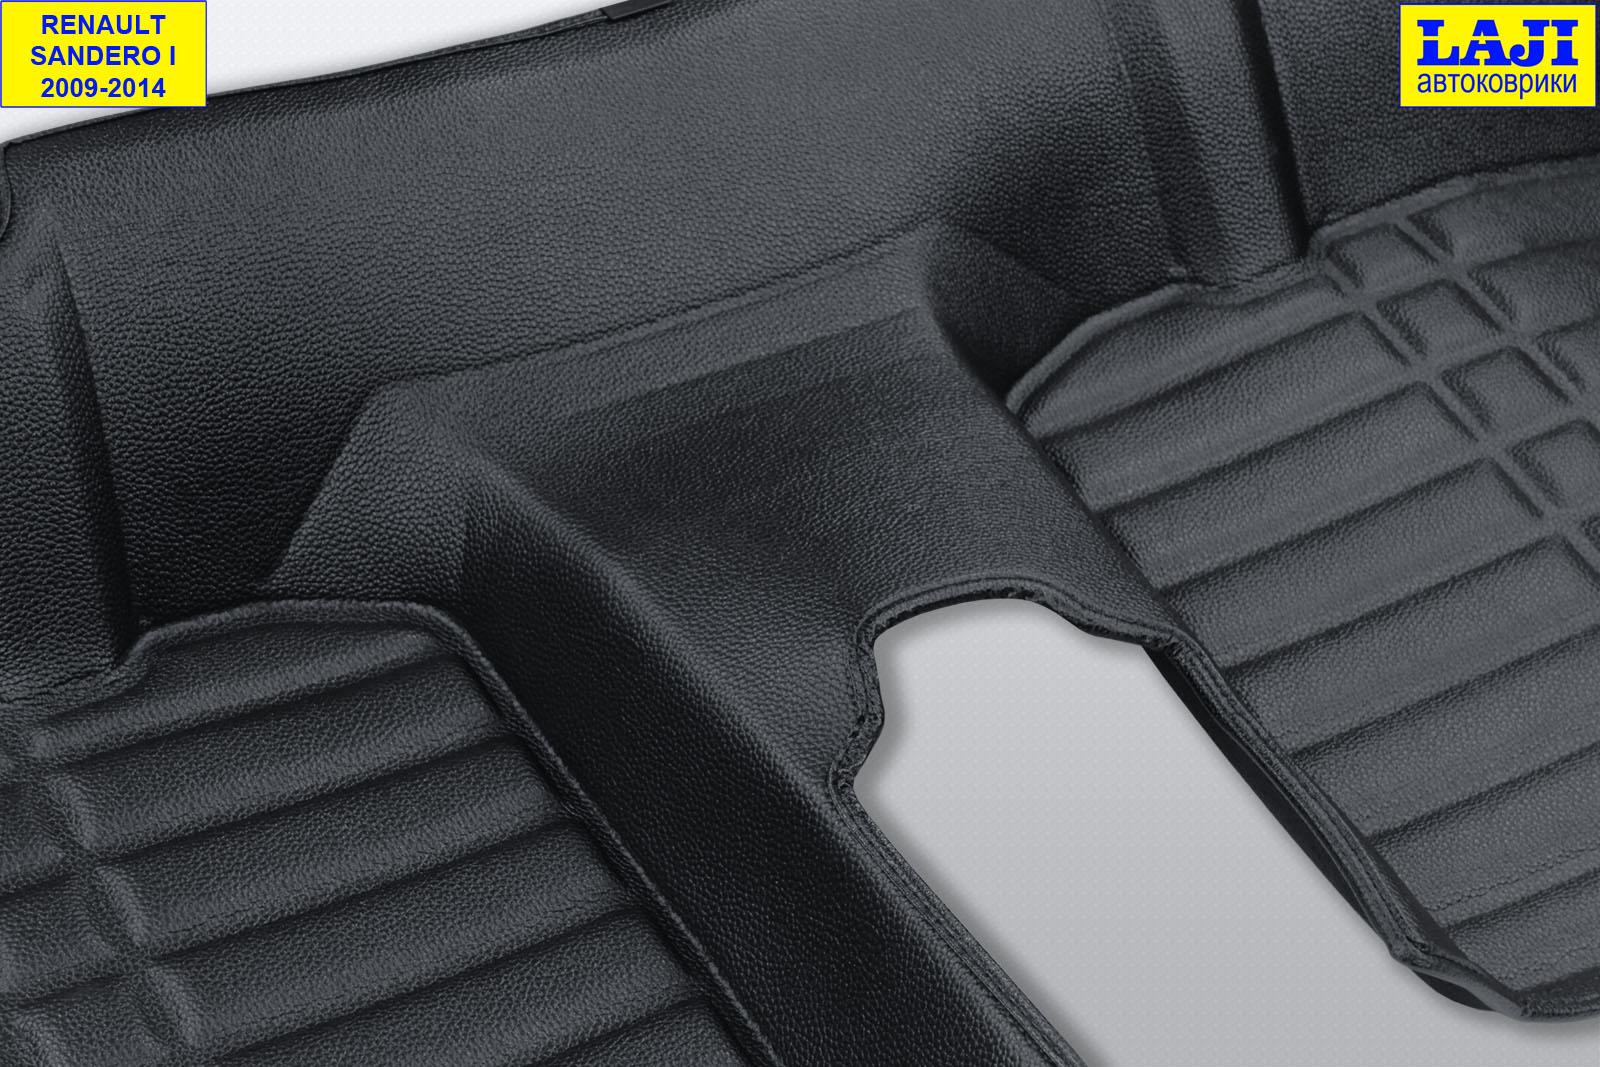 5D коврики в салон Renault Sandero Stepway 1 2009-2014 11